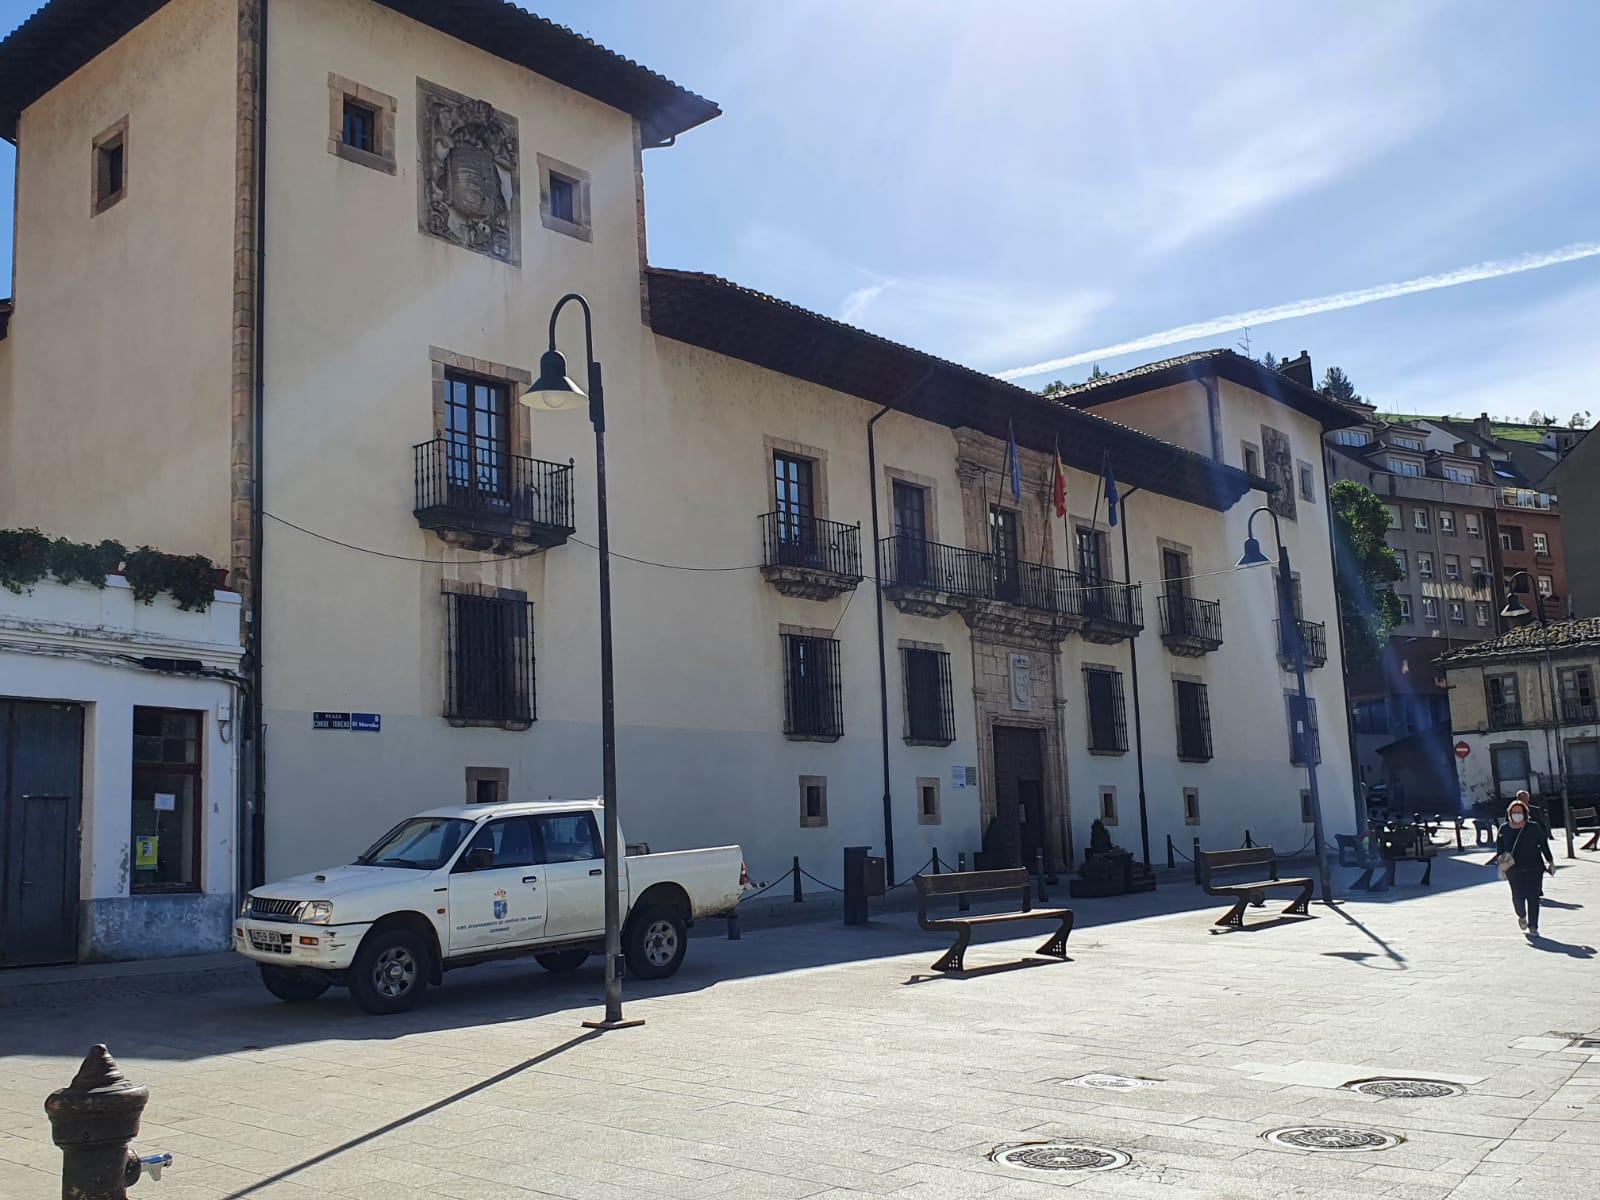 Cangas del Narcea otorgará dos premios de 500 euros a los mejores cuentos cortos escritos en asturiano